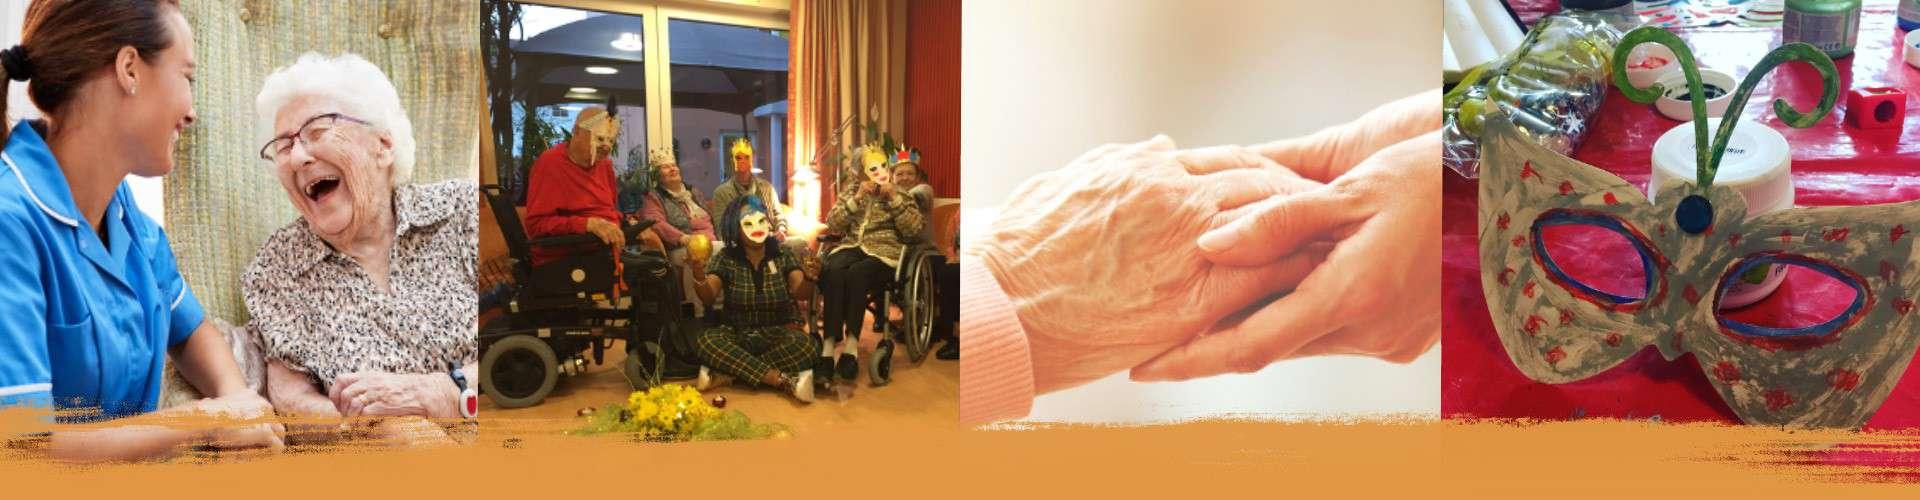 Janette Rauch Senioren+